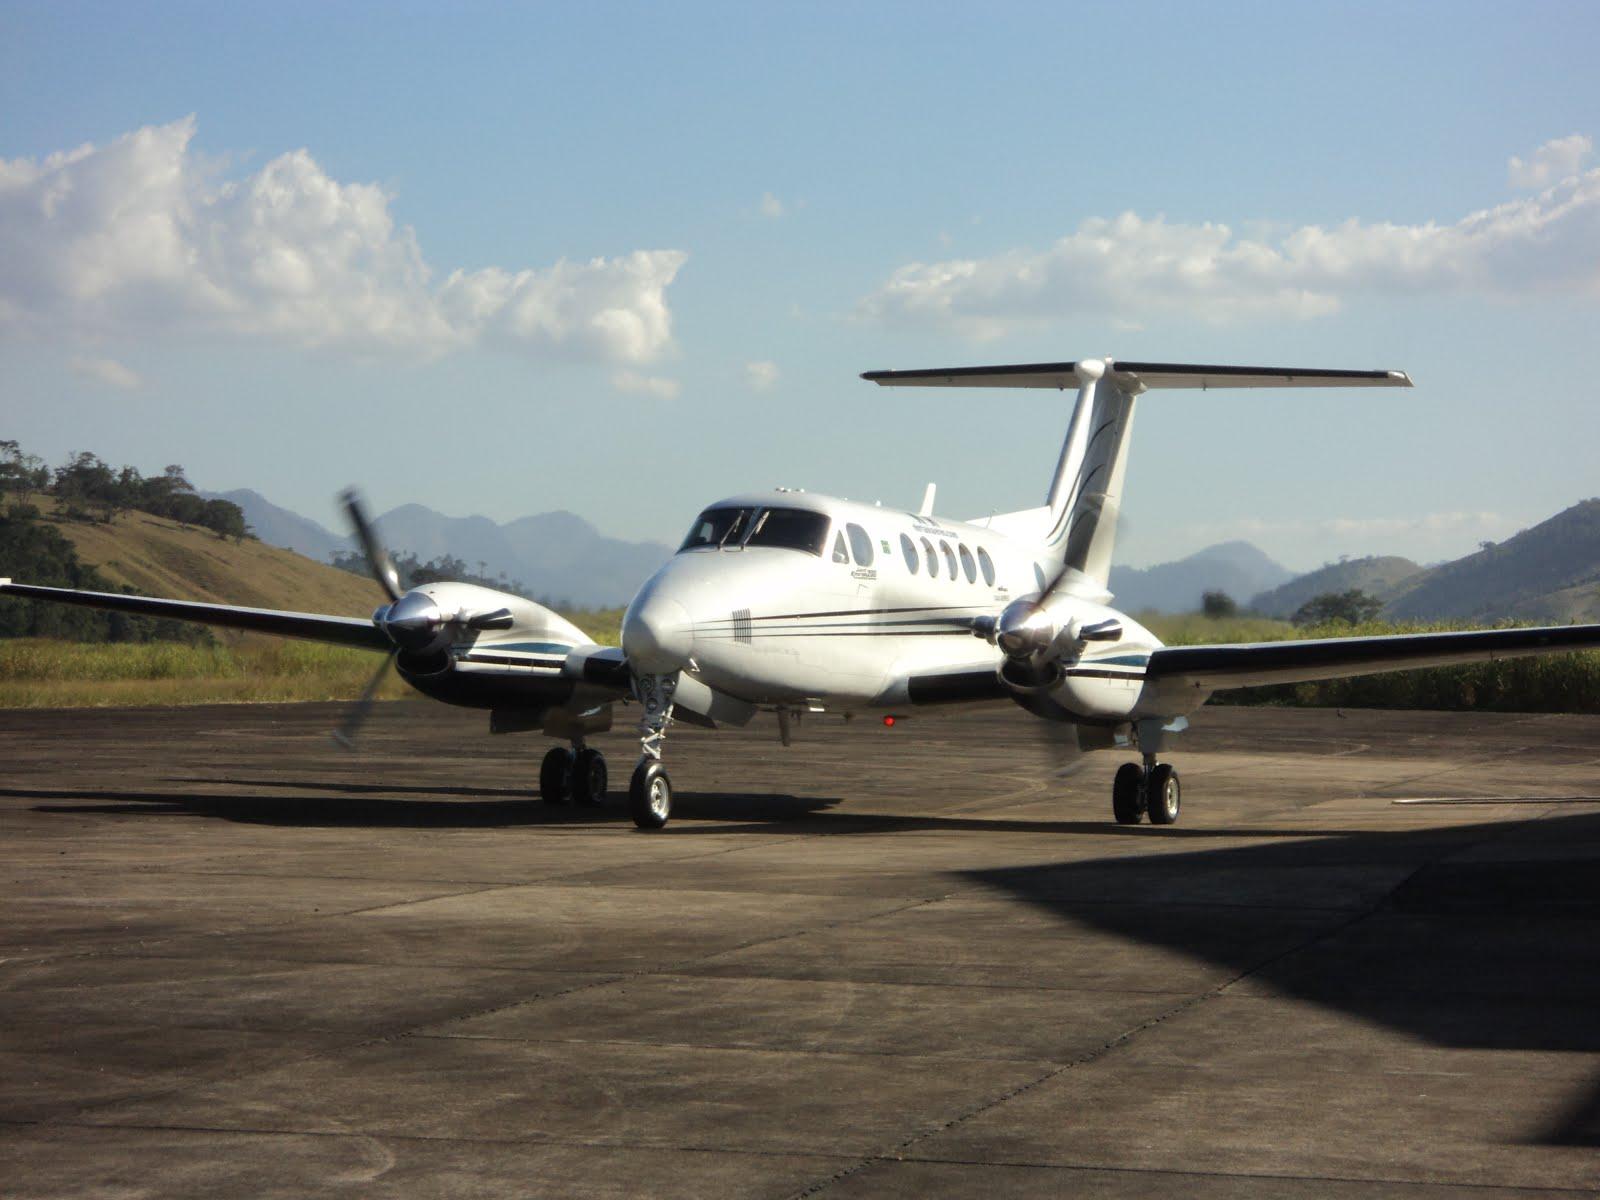 Aeroporto Sorocaba : Aeroporto cachoeiro de itapemirim king air fernando e